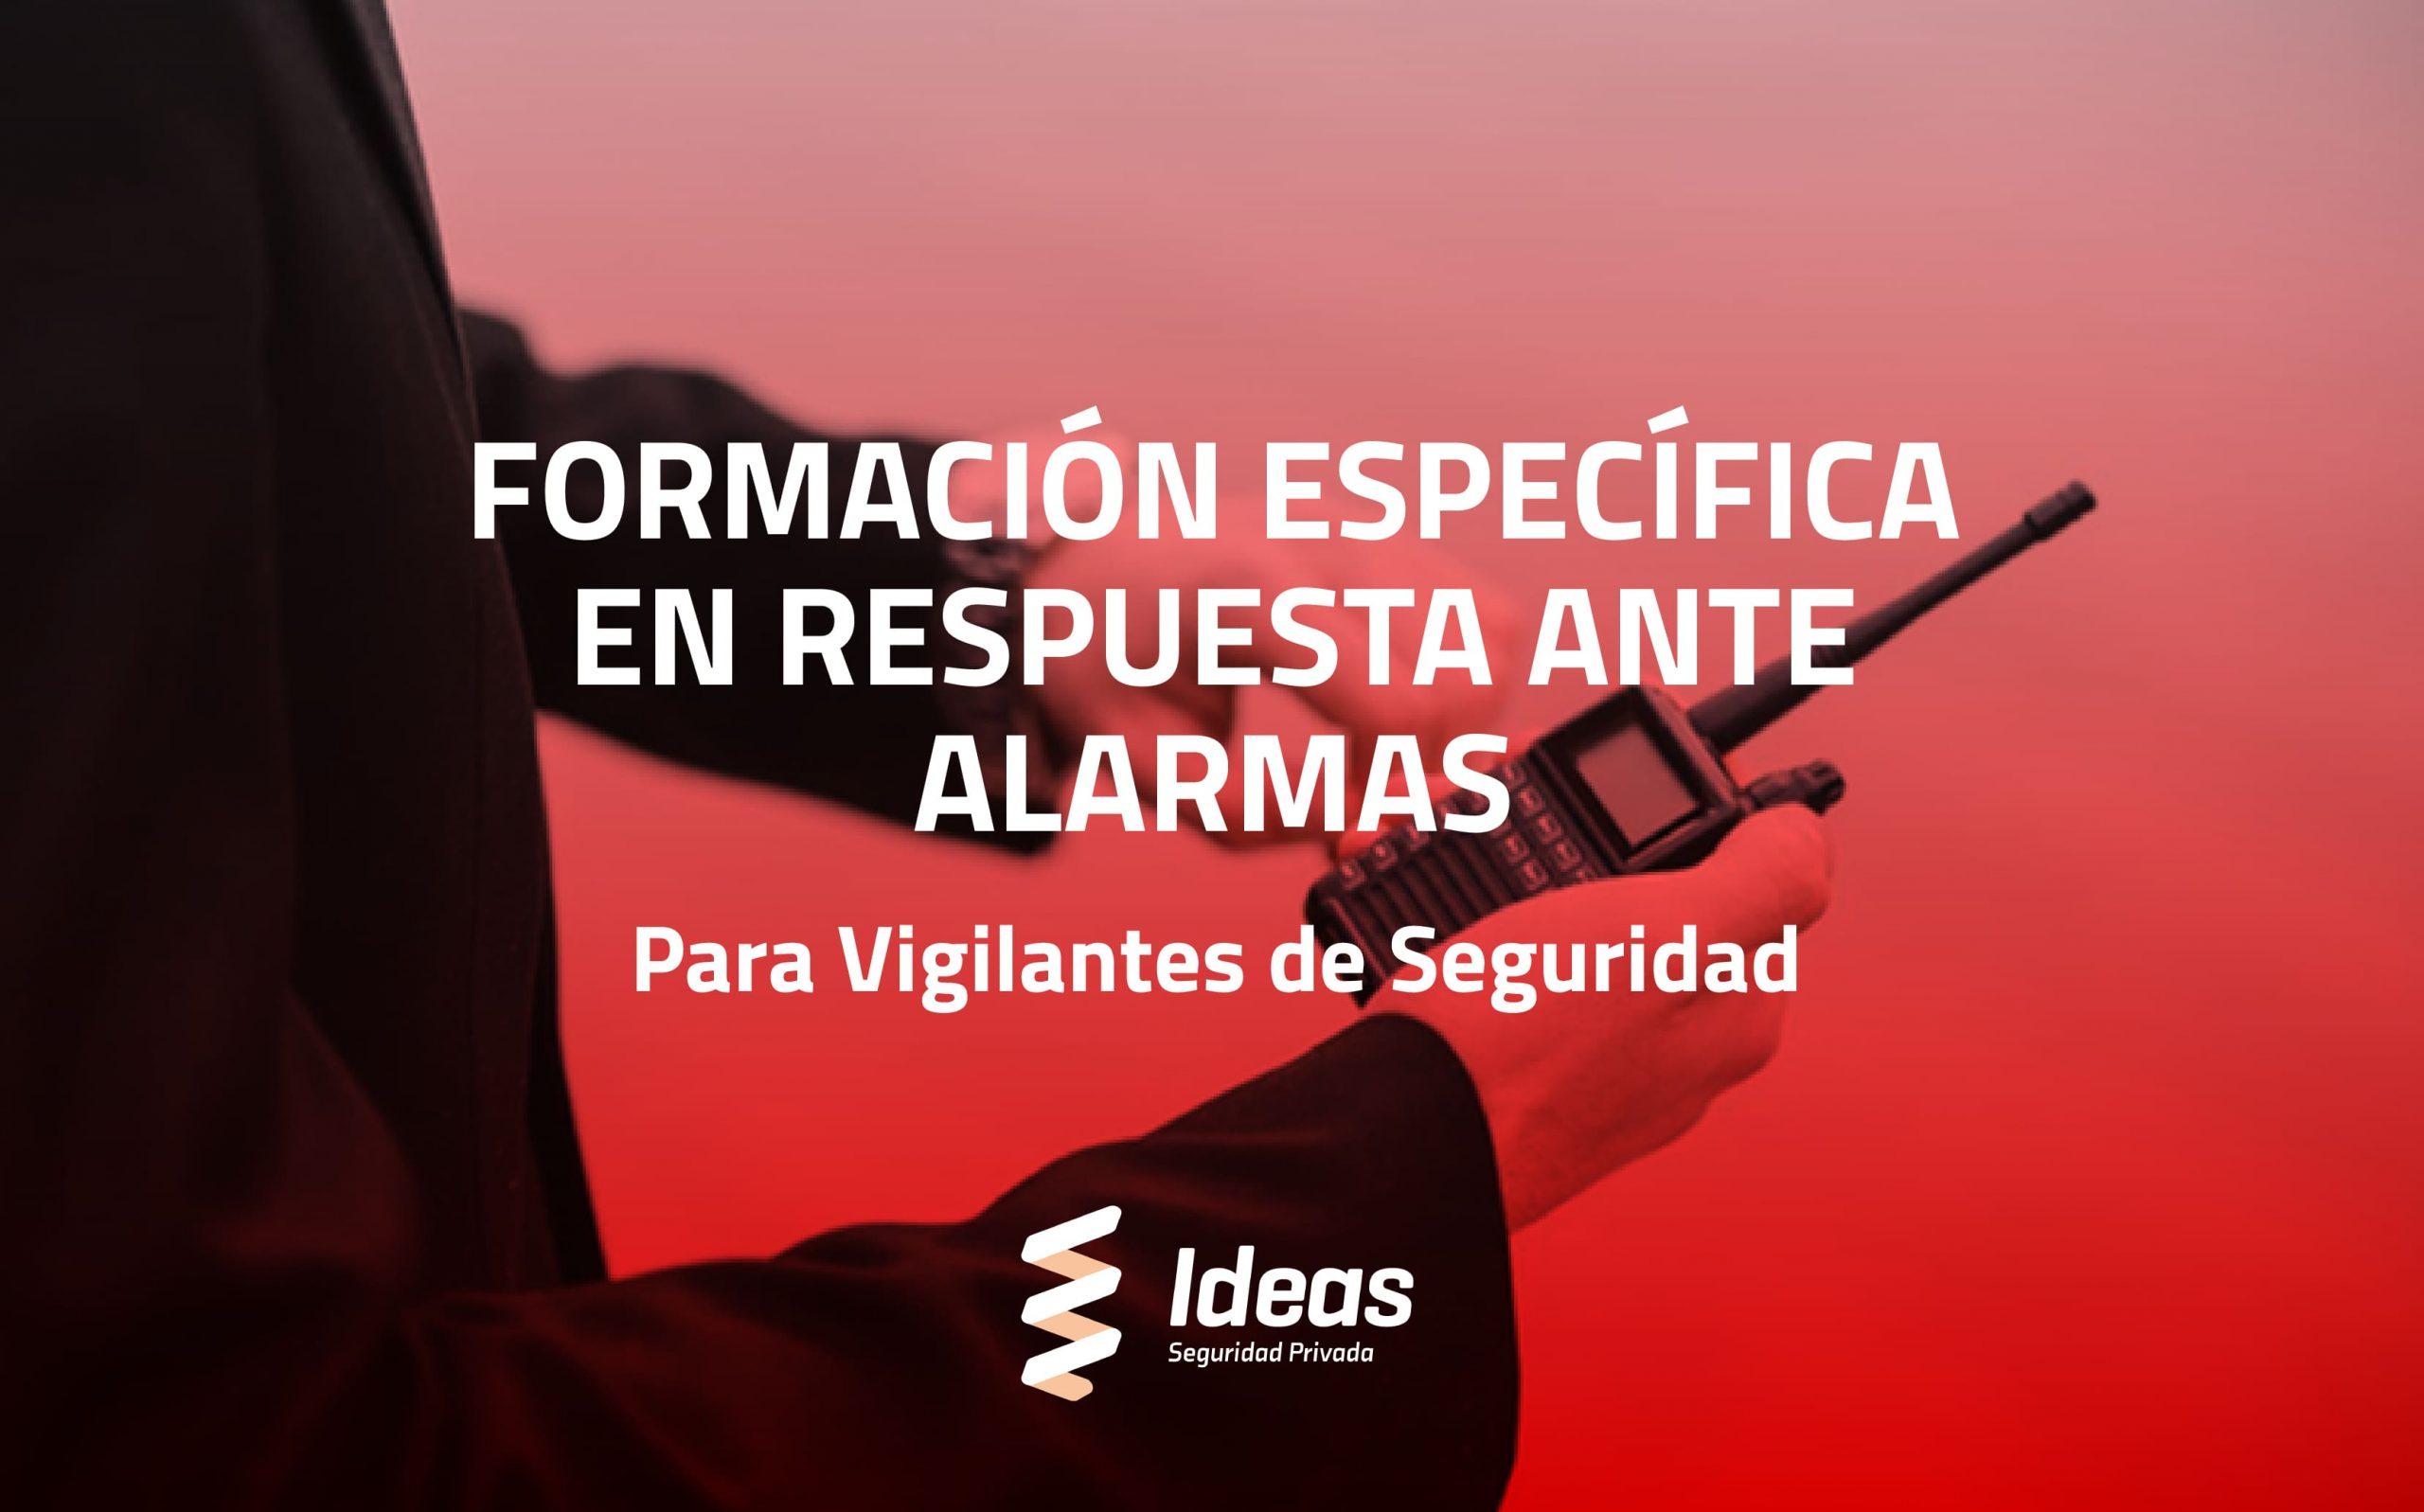 Formación Específica en Respuesta ante Alarmas para Vigilante de Seguridad